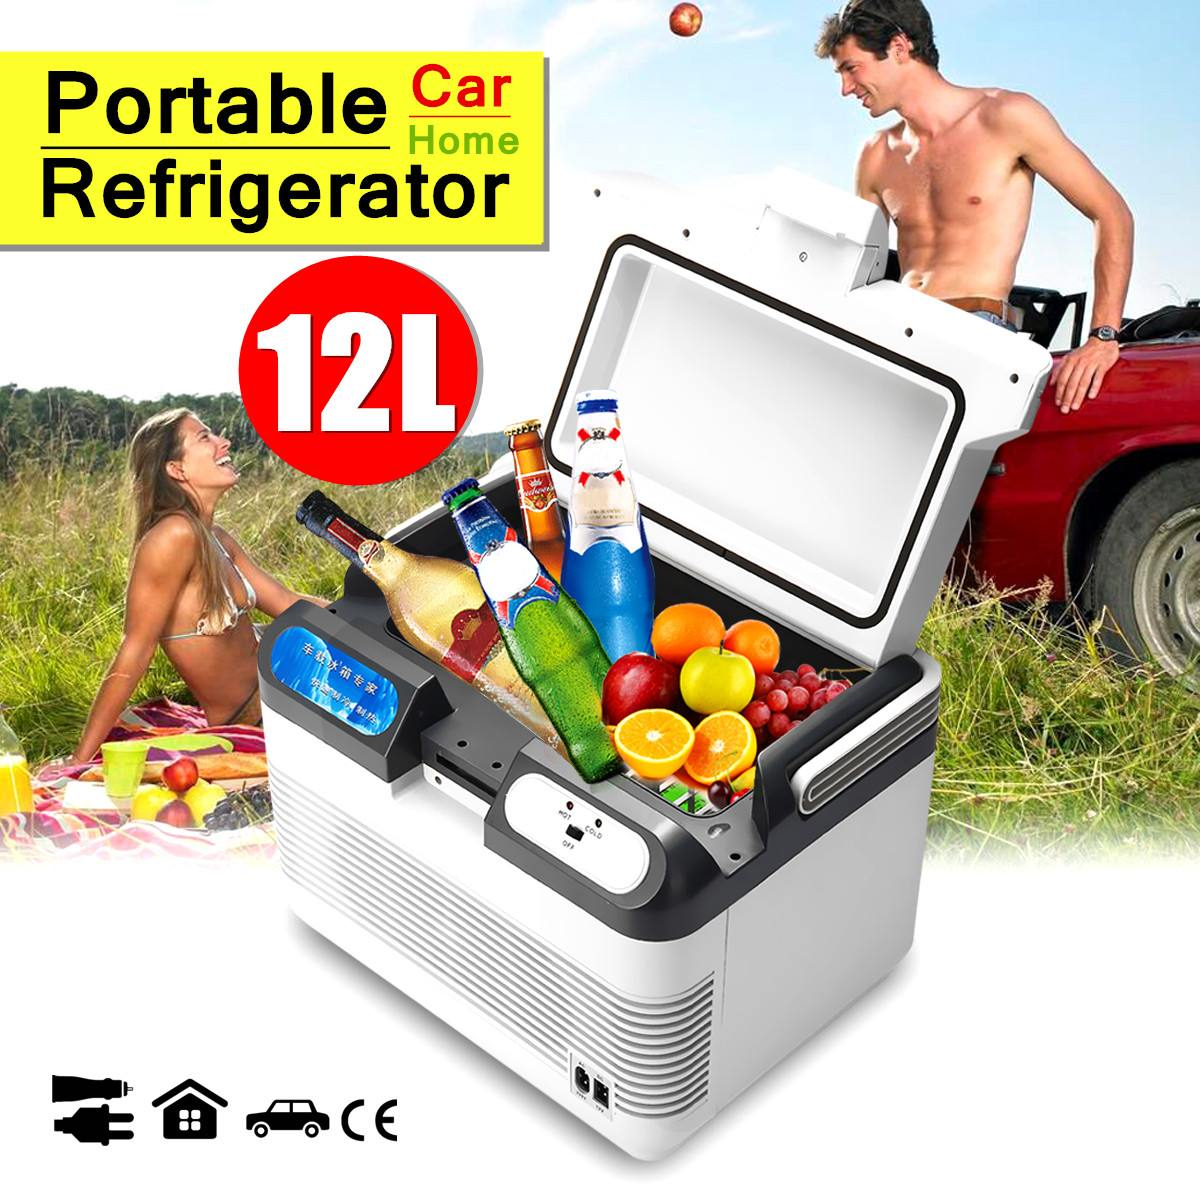 12L Portable Mini réfrigérateur 12 V/240 V voiture Camping maison réfrigérateur refroidisseur/réchauffeur avec 2 méthodes de charge avec poignée Portable